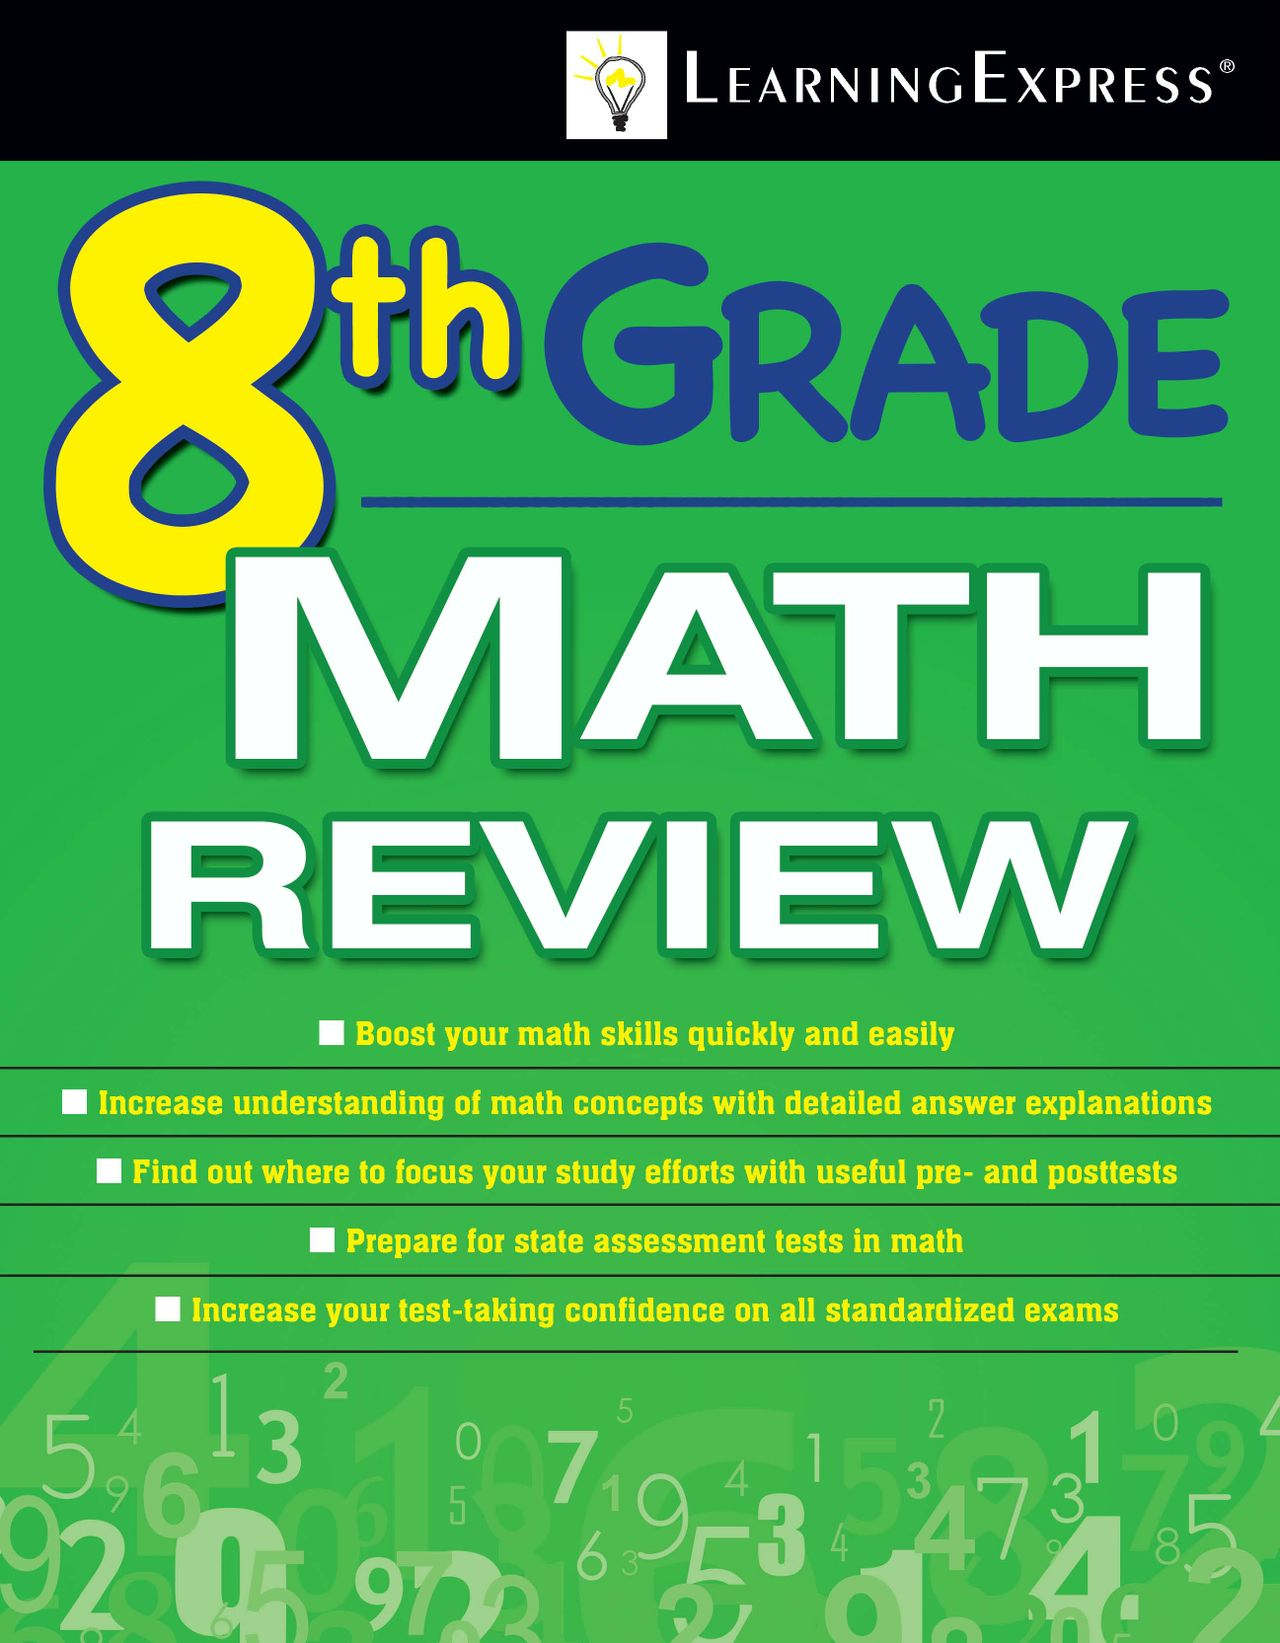 8th Grade Math Review Examville